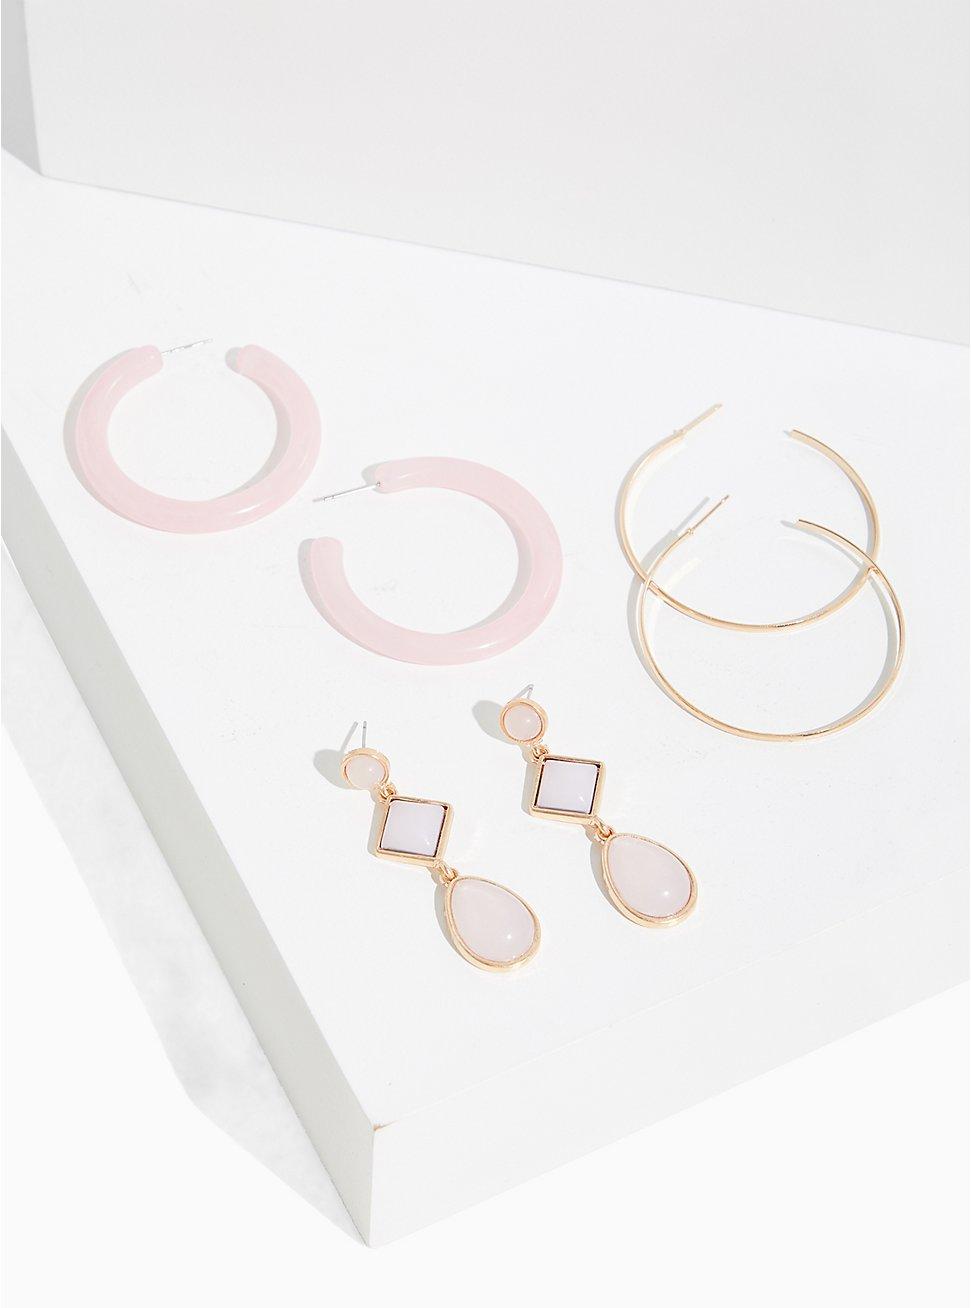 Bluch Pink Hoop & Drop Earrings Set - Set Of 3, , hi-res